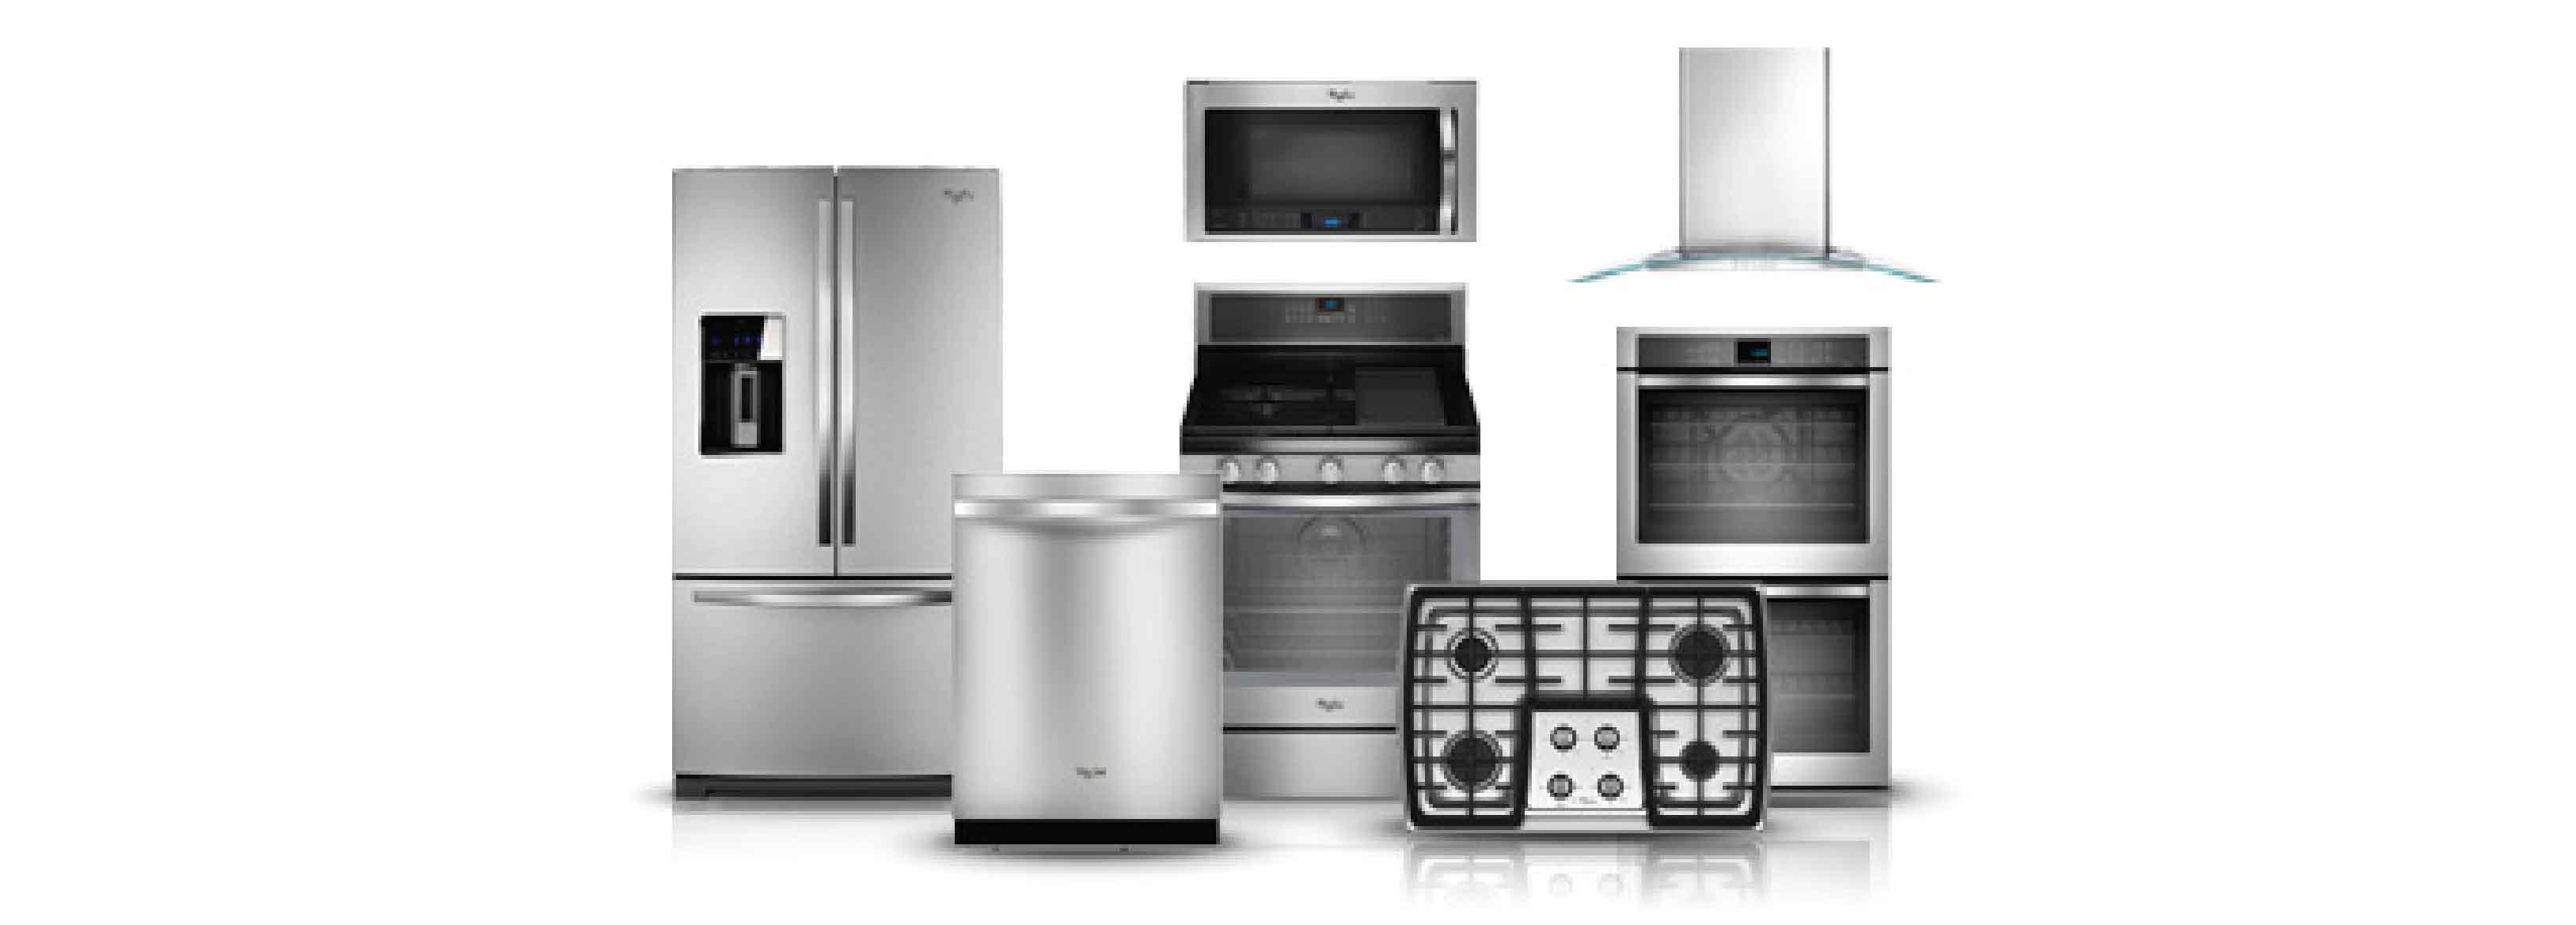 การเลือกเครื่องใช้ไฟฟ้าและอุปกรณ์ในห้องครัว เครื่องใช้ไฟฟ้าและอุปกรณ์ในห้องครัวเป็นสิ่งที่รองรับกิจกรรมหลักในครัวเป็นตัววัดว่าครัวของคุณสามารถใช้งานได้มีประสิทธิภาพหรือไม่ คุณจะรู้ดีที่สุดว่าต้องการใช้ครัวอย่างไร ต้องการตู้เย็นใหญ่แค่ไหน ช่องแช่ผักกับช่องแช่แข็งอย่างไหนจำเป็นมากกว่ากัน อ่างล้างจานควรมีกี่หลุมและขนาดไหน ฯลฯ การเลือกหรือหมายตาไว้ก่อนจะช่วยให้คุณเห็นภาพส่วนอื่นๆ ของครัวได้ชัดขึ้น เครื่องใช้ไฟฟ้าและอุปกรณ์ในห้องครัวมีหลากหลายประเภท เช่น เตา, เครื่องดูดควัน, อ่างล้างจาน, ก๊อกน้ำ, เตาอบ, ไมโครเวฟ, เครื่องล้างจาน และบางบ้านเครื่องซักผ้าก็ถือเป็นเครื่องใช้ไฟฟ้าที่ใช้ในห้องครัวด้วย ส่วนการเลือกซื้อควรพิจารณาจากลักษณะการใช้งาน งบประมาณ และการบริการหลังการขายเป็นหลัก ซึ่งสูตรง่ายๆ ของการเลือกซื้อเครื่องใช้ในครัวคือเลือกคุณภาพที่ดีที่สุดที่คุณสามารถจ่ายได้